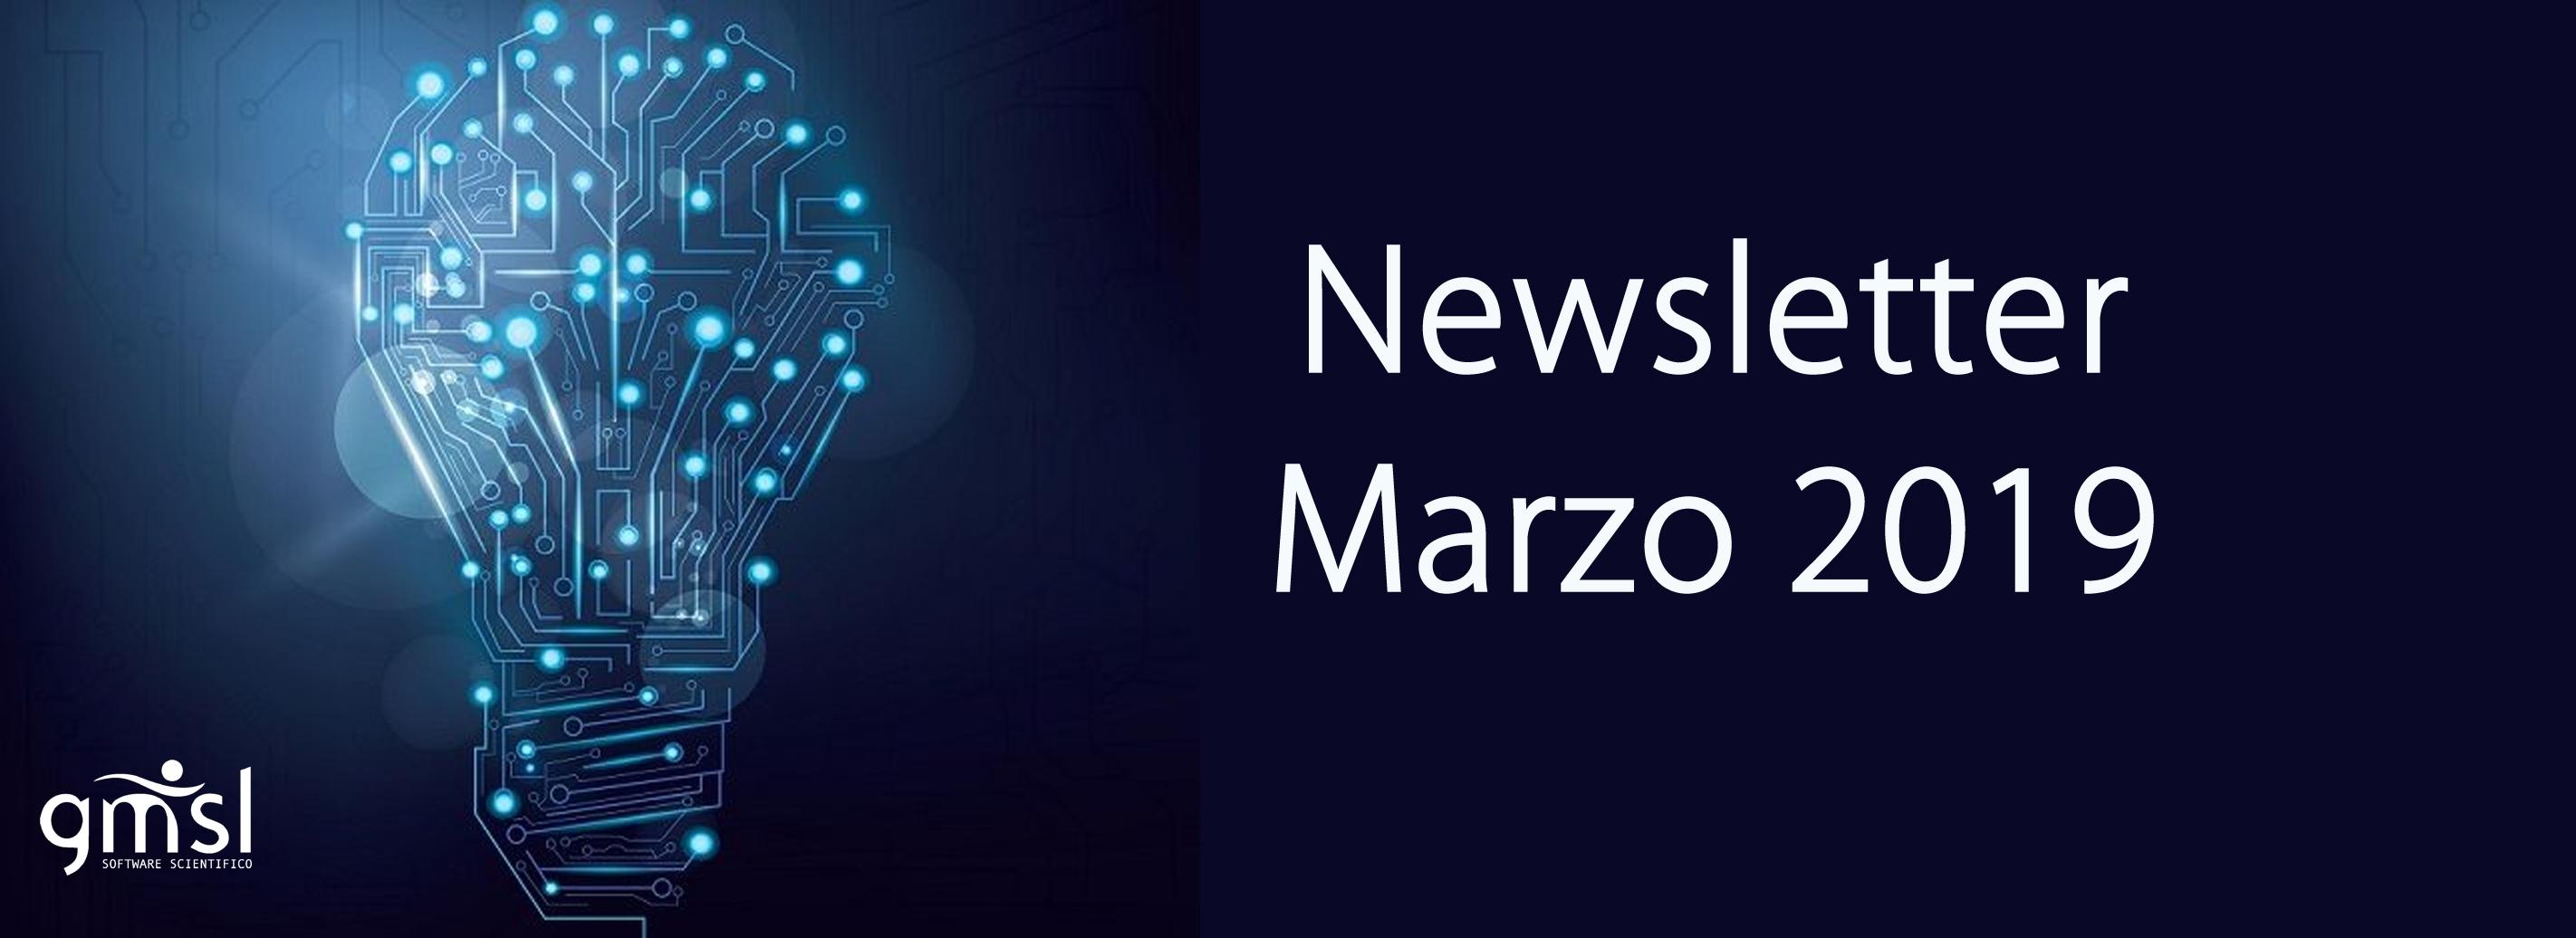 2019_Marzo InFormati con GMSL | Newsletter Marzo 2019